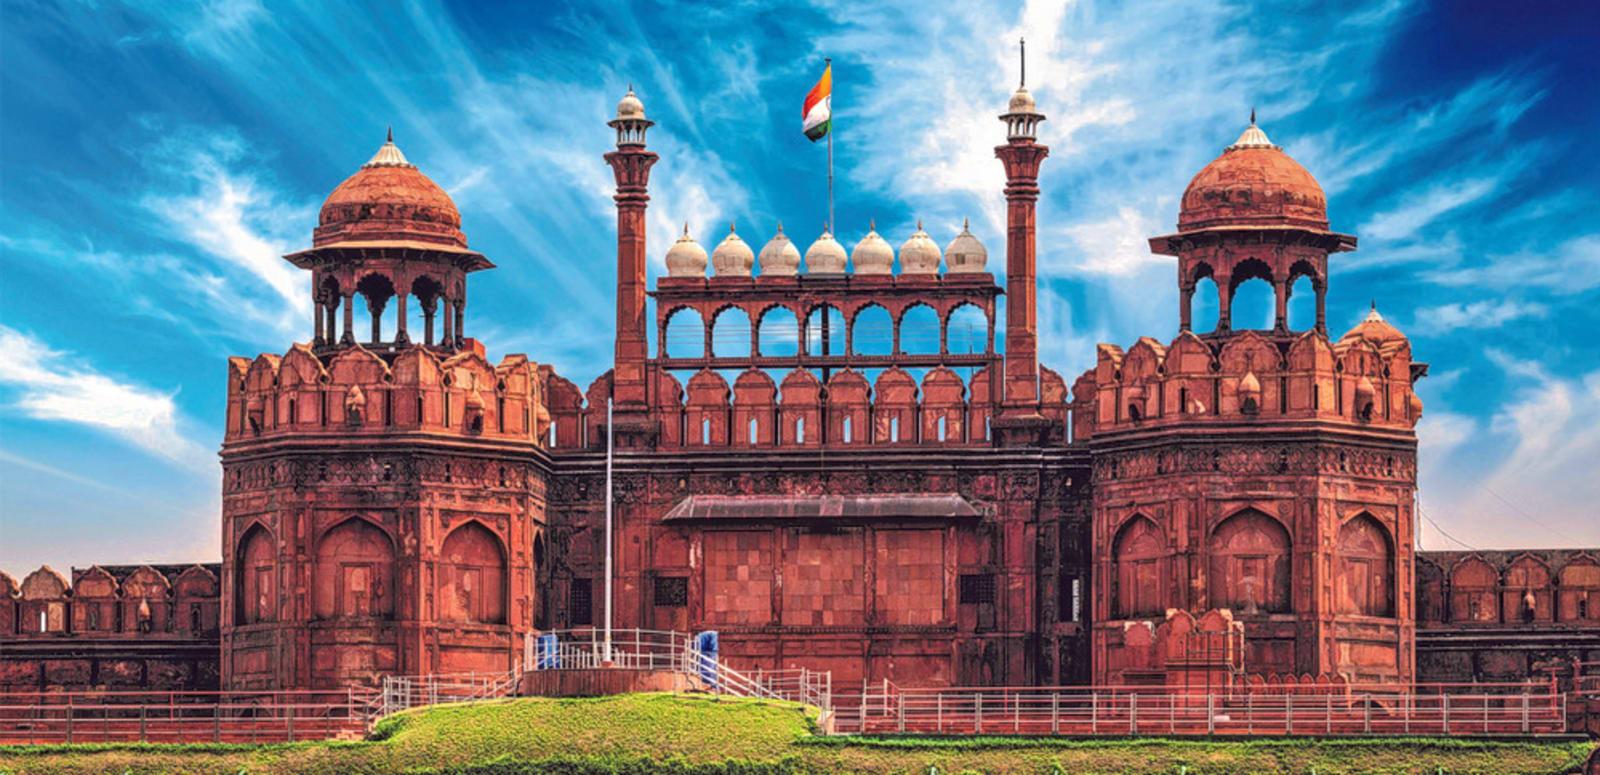 1549354487_shutterstock_792210931.jpg Ideas For Travel Ideas Delhi @koolmobiles.com